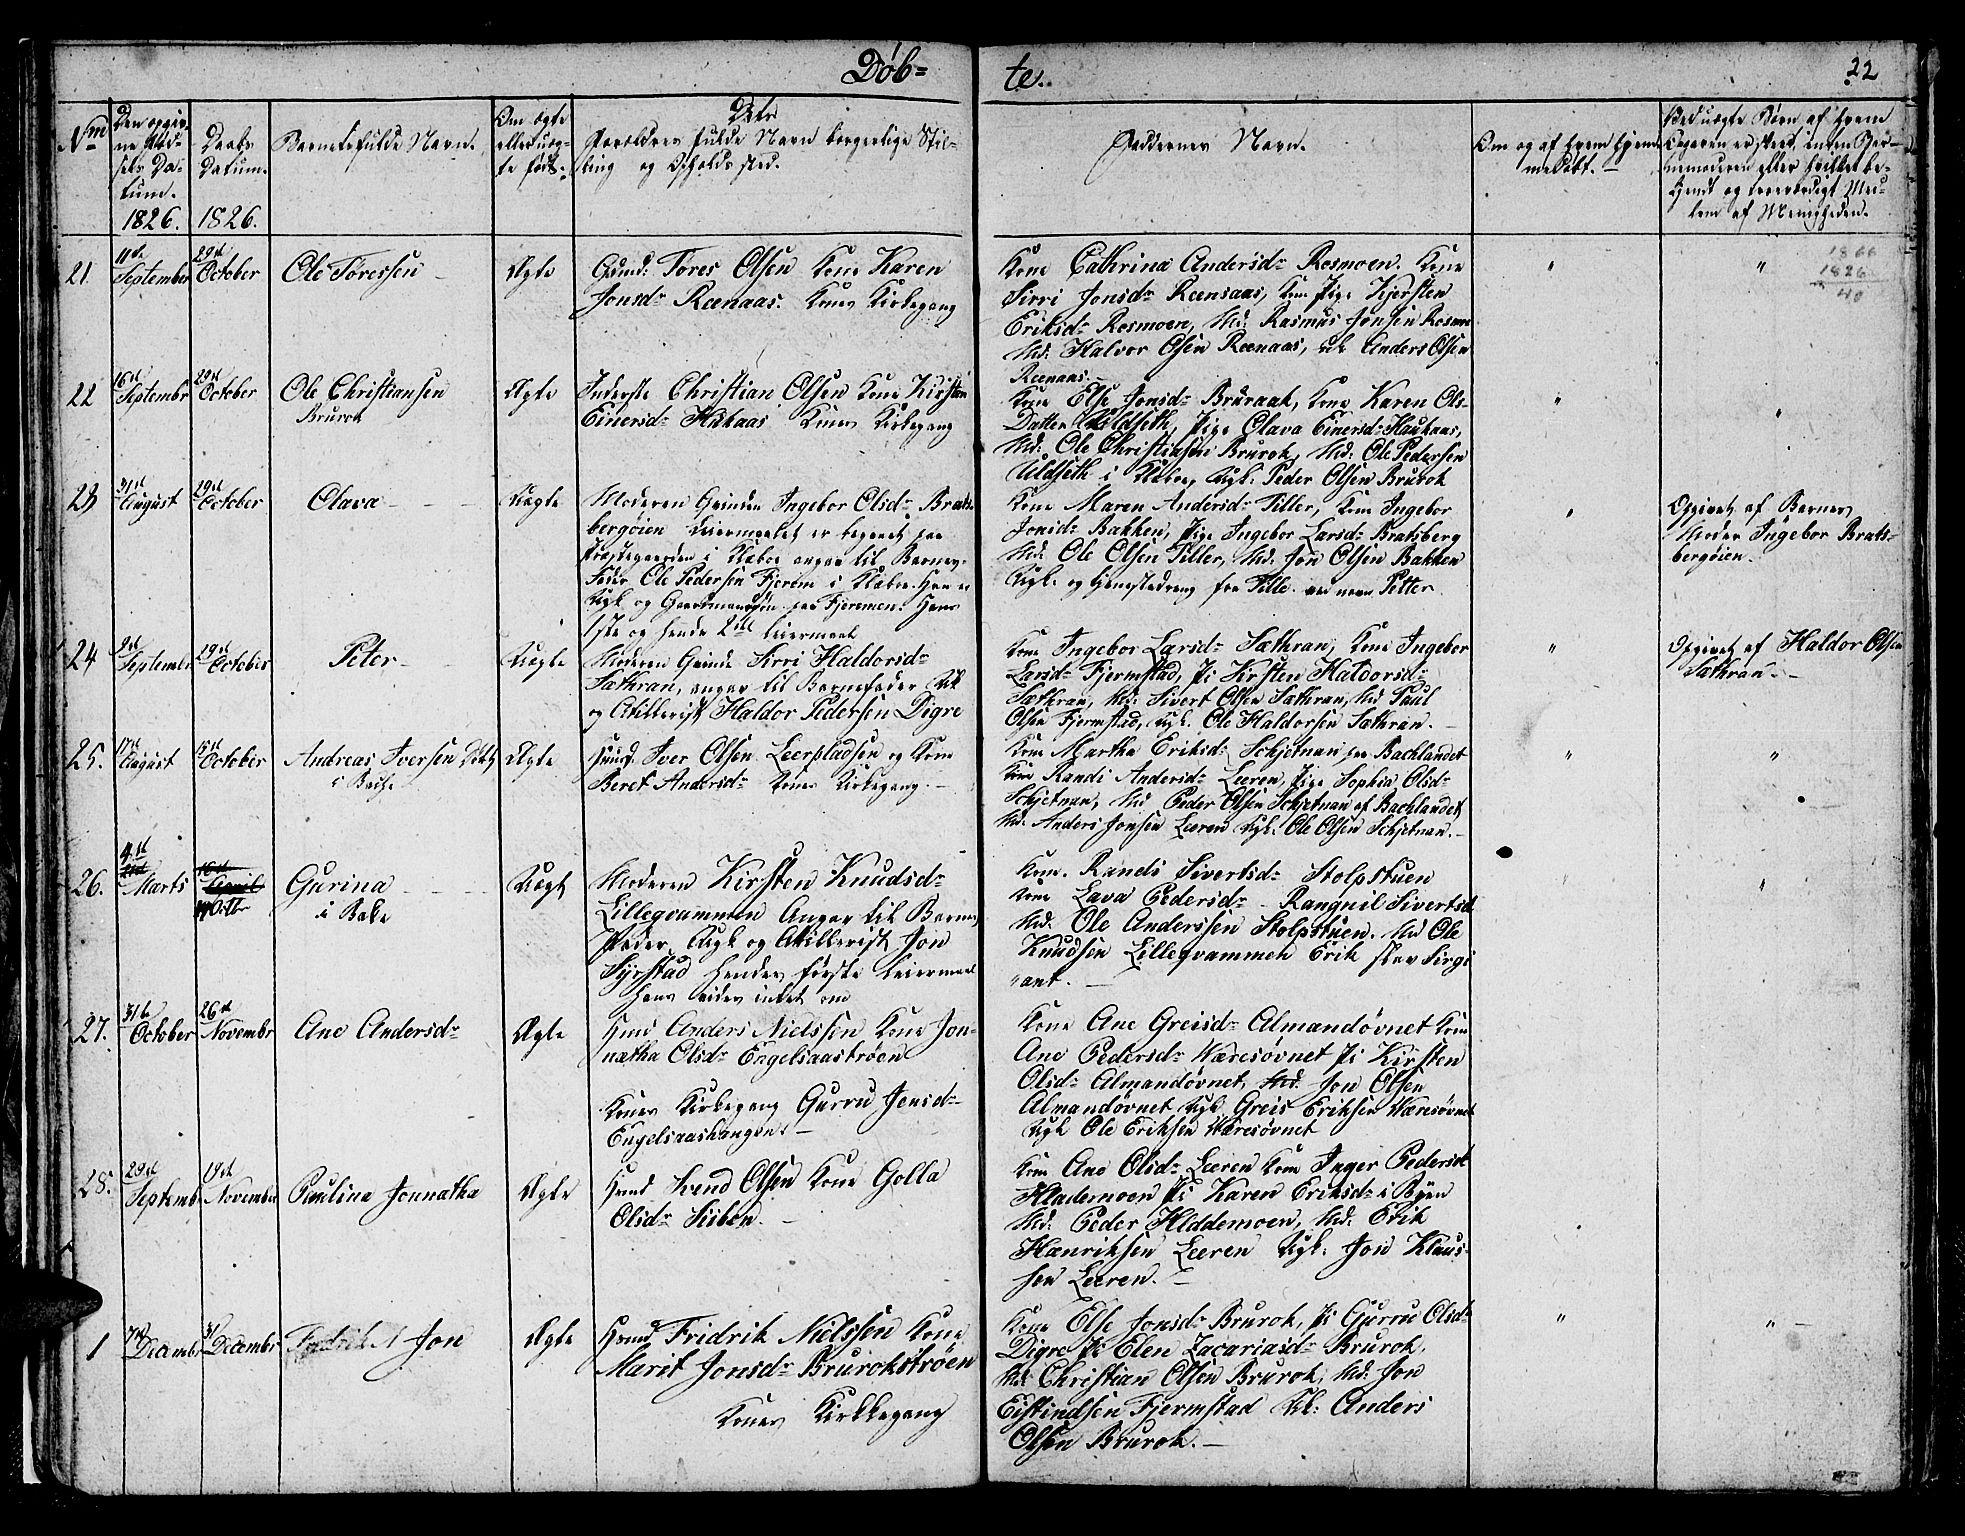 SAT, Ministerialprotokoller, klokkerbøker og fødselsregistre - Sør-Trøndelag, 608/L0337: Klokkerbok nr. 608C03, 1821-1831, s. 22